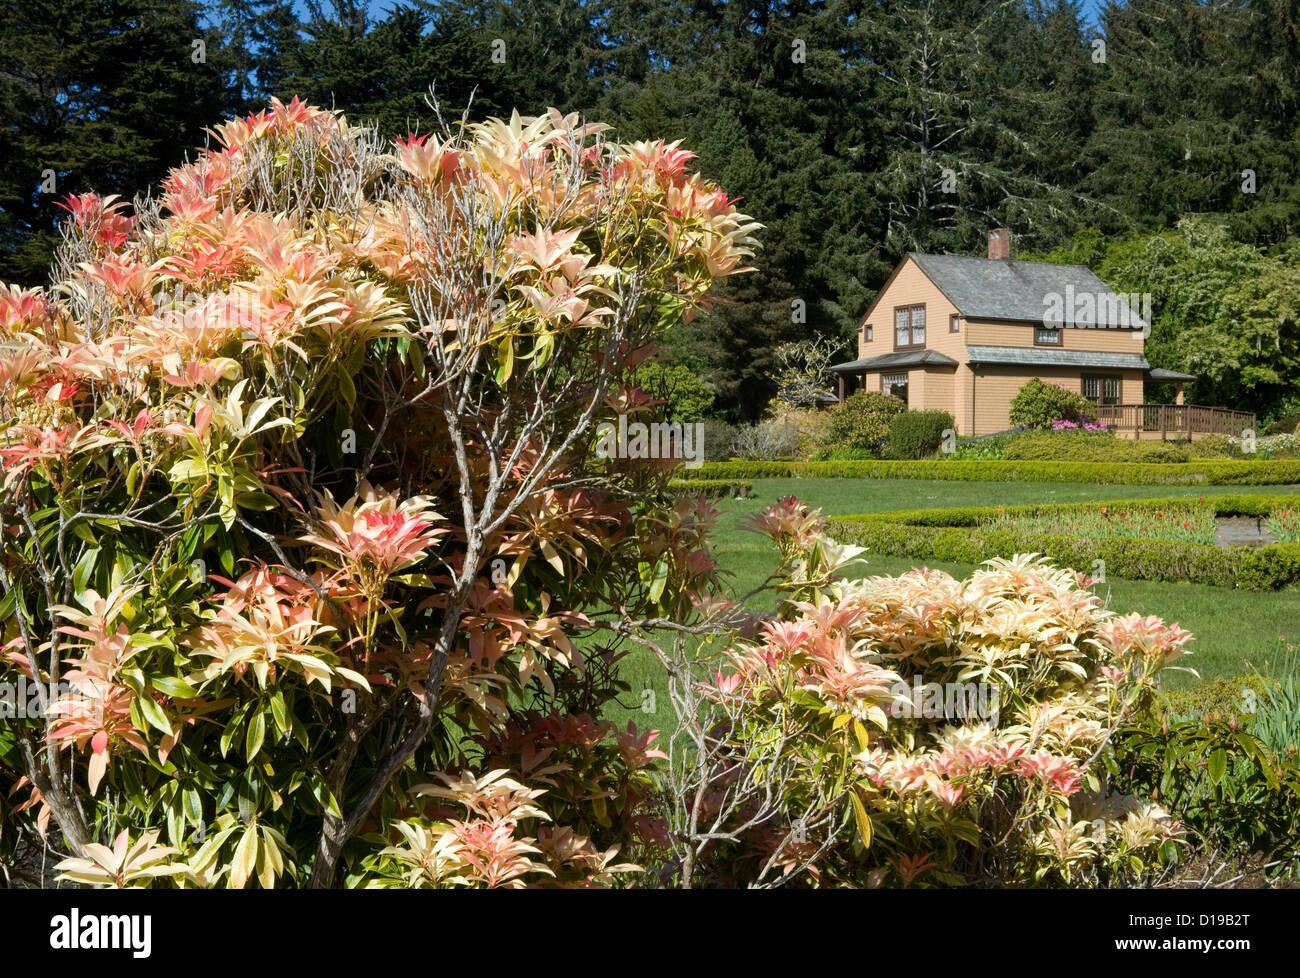 Oregon Garden Stock Photos & Oregon Garden Stock Images - Alamy